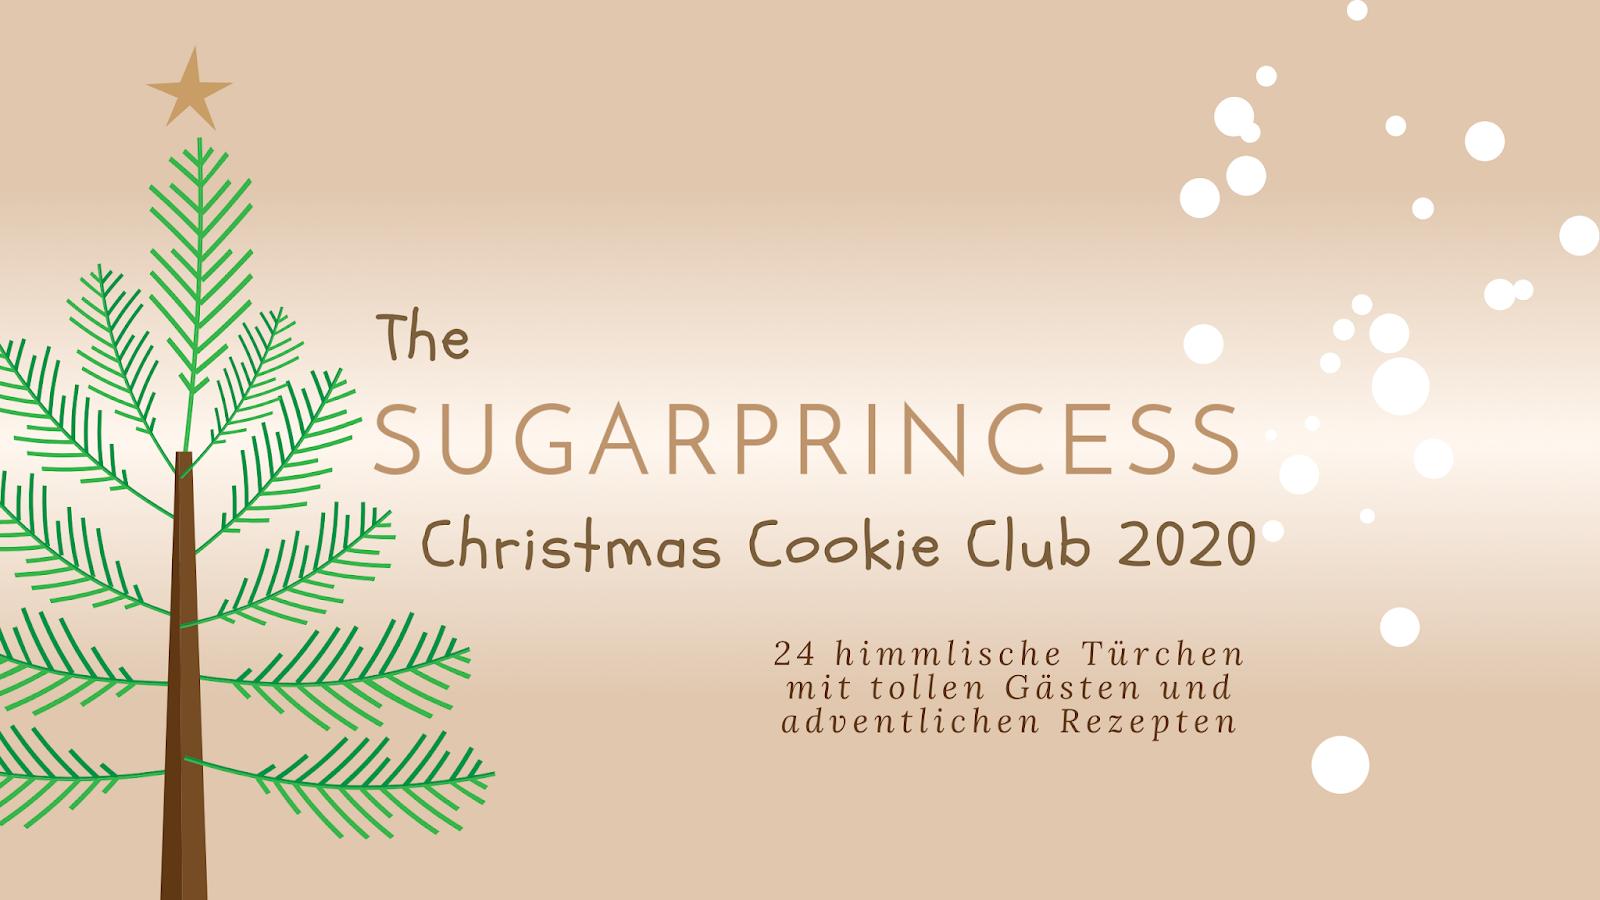 Das war Weihnachten 2020 und die Gewinner des Heiligabend-Gewinnspiels des SCCC 2020 stehen fest...